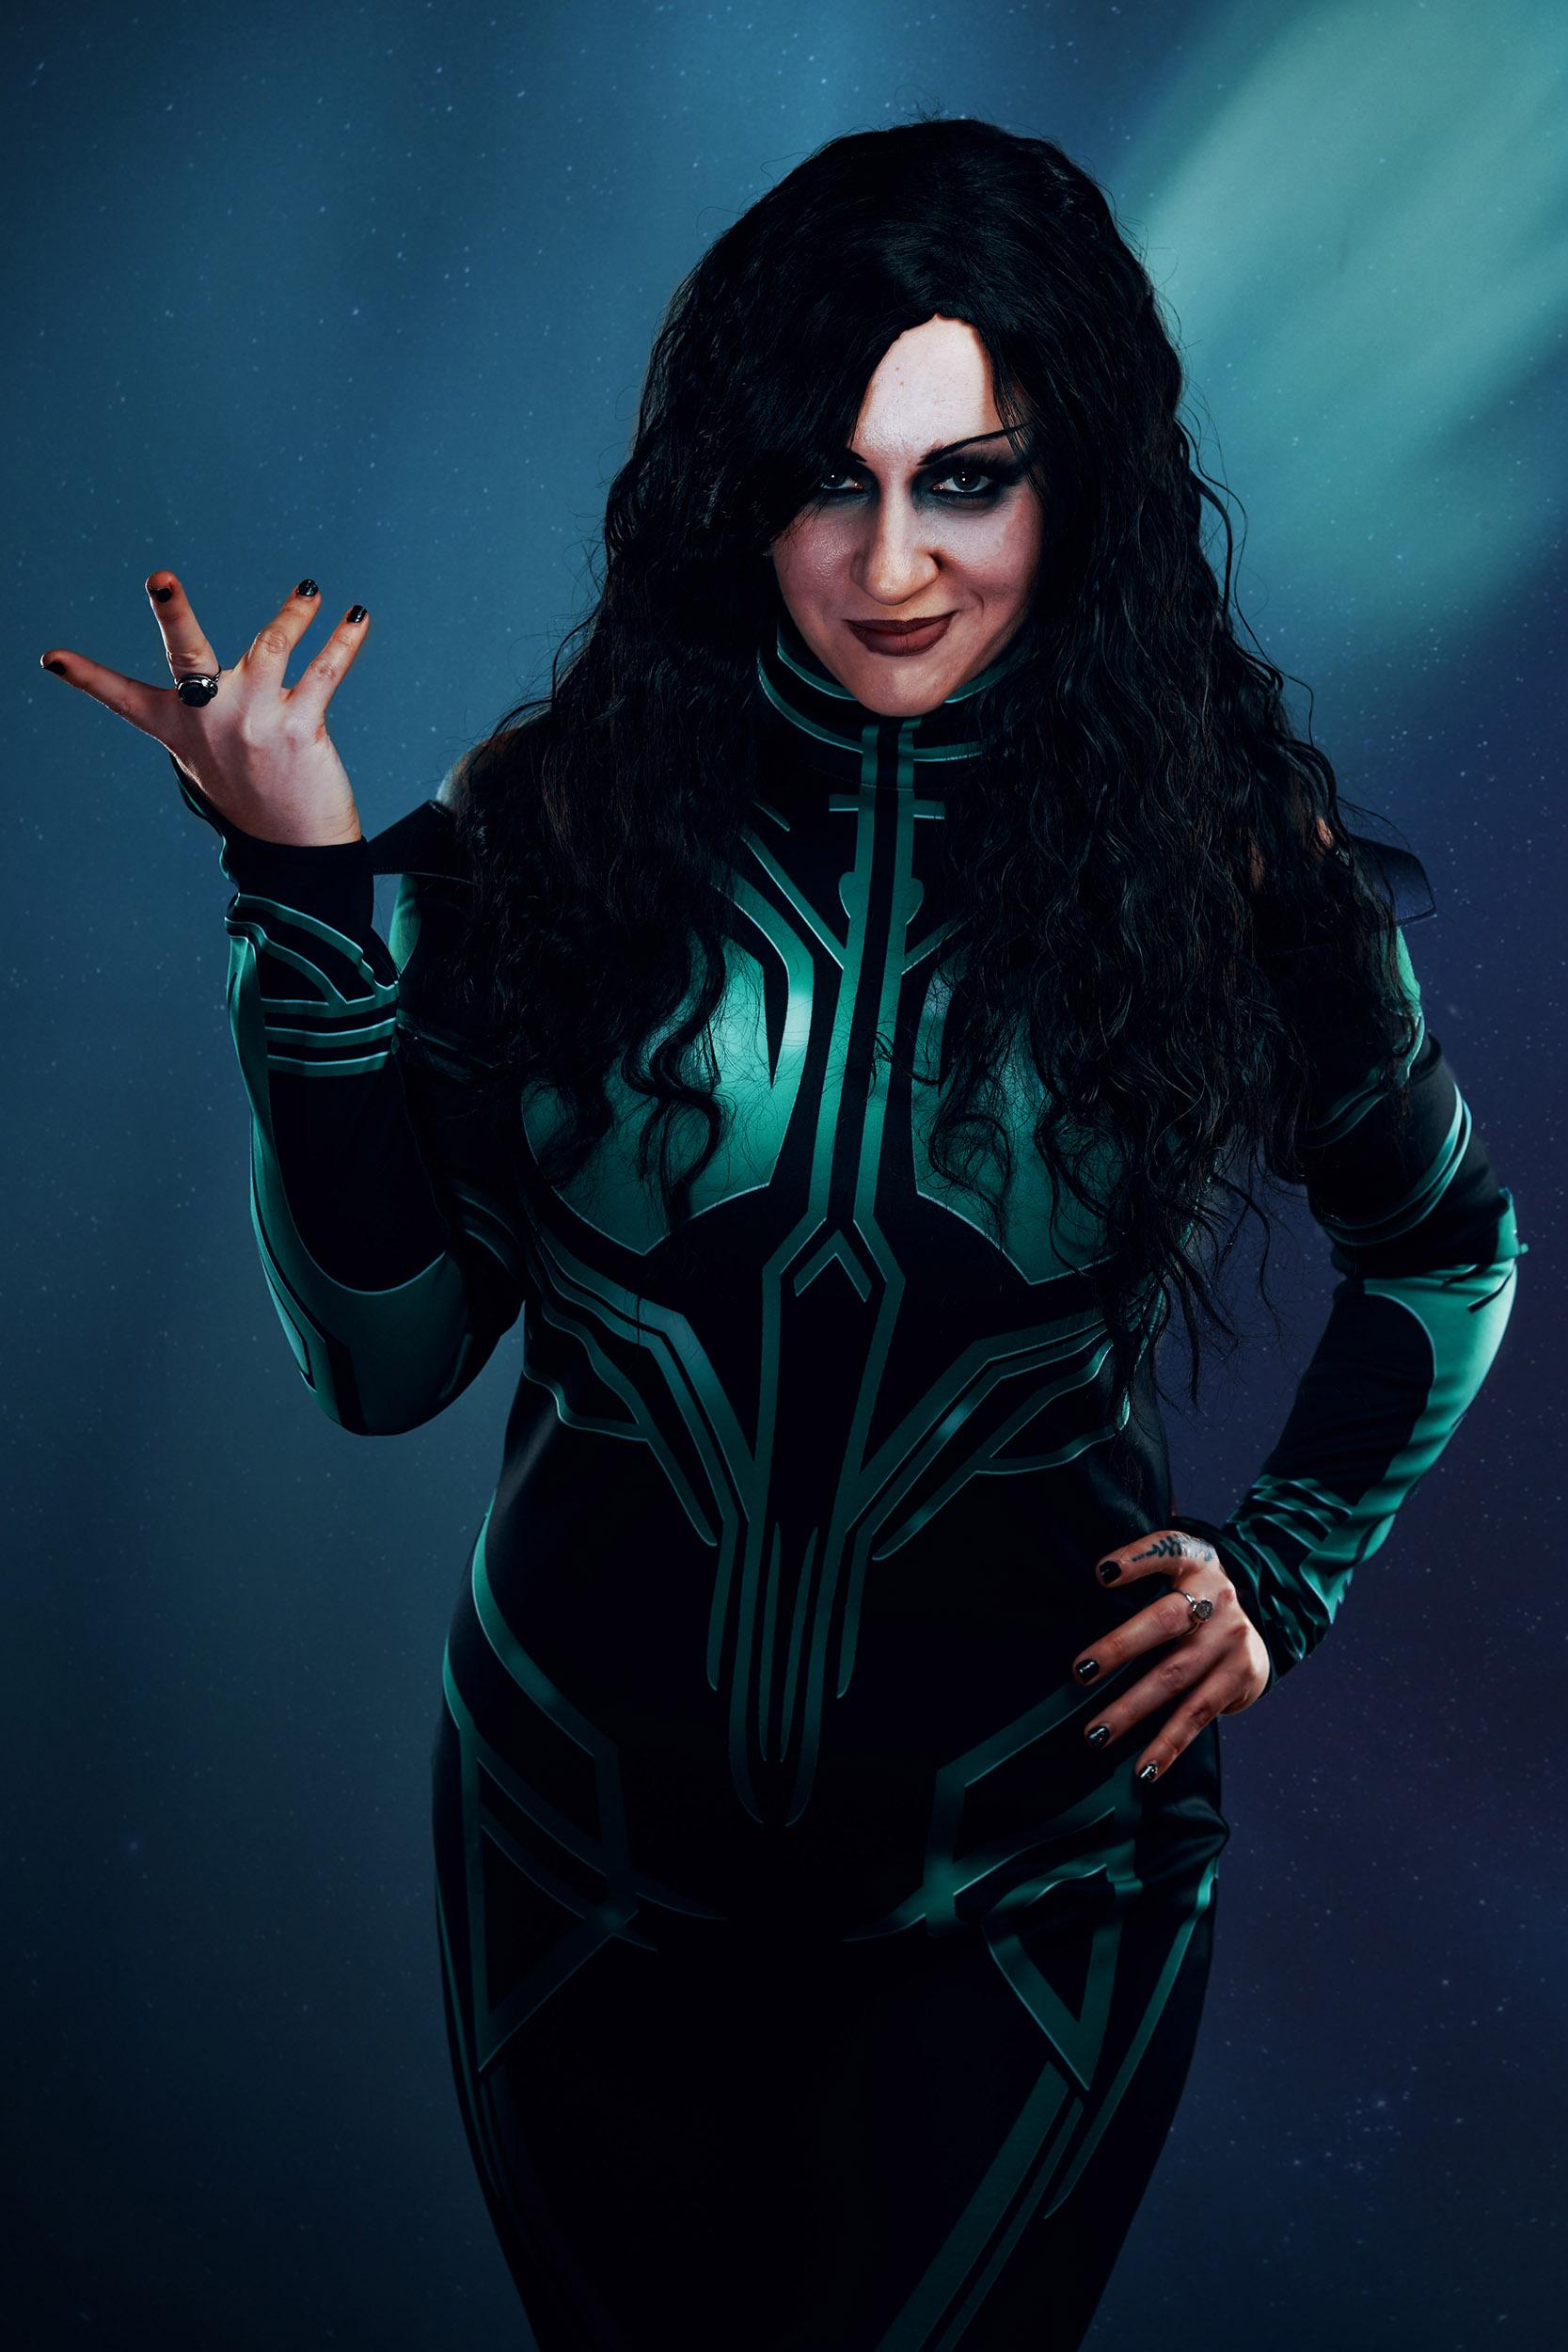 Jessica Nova - Hela